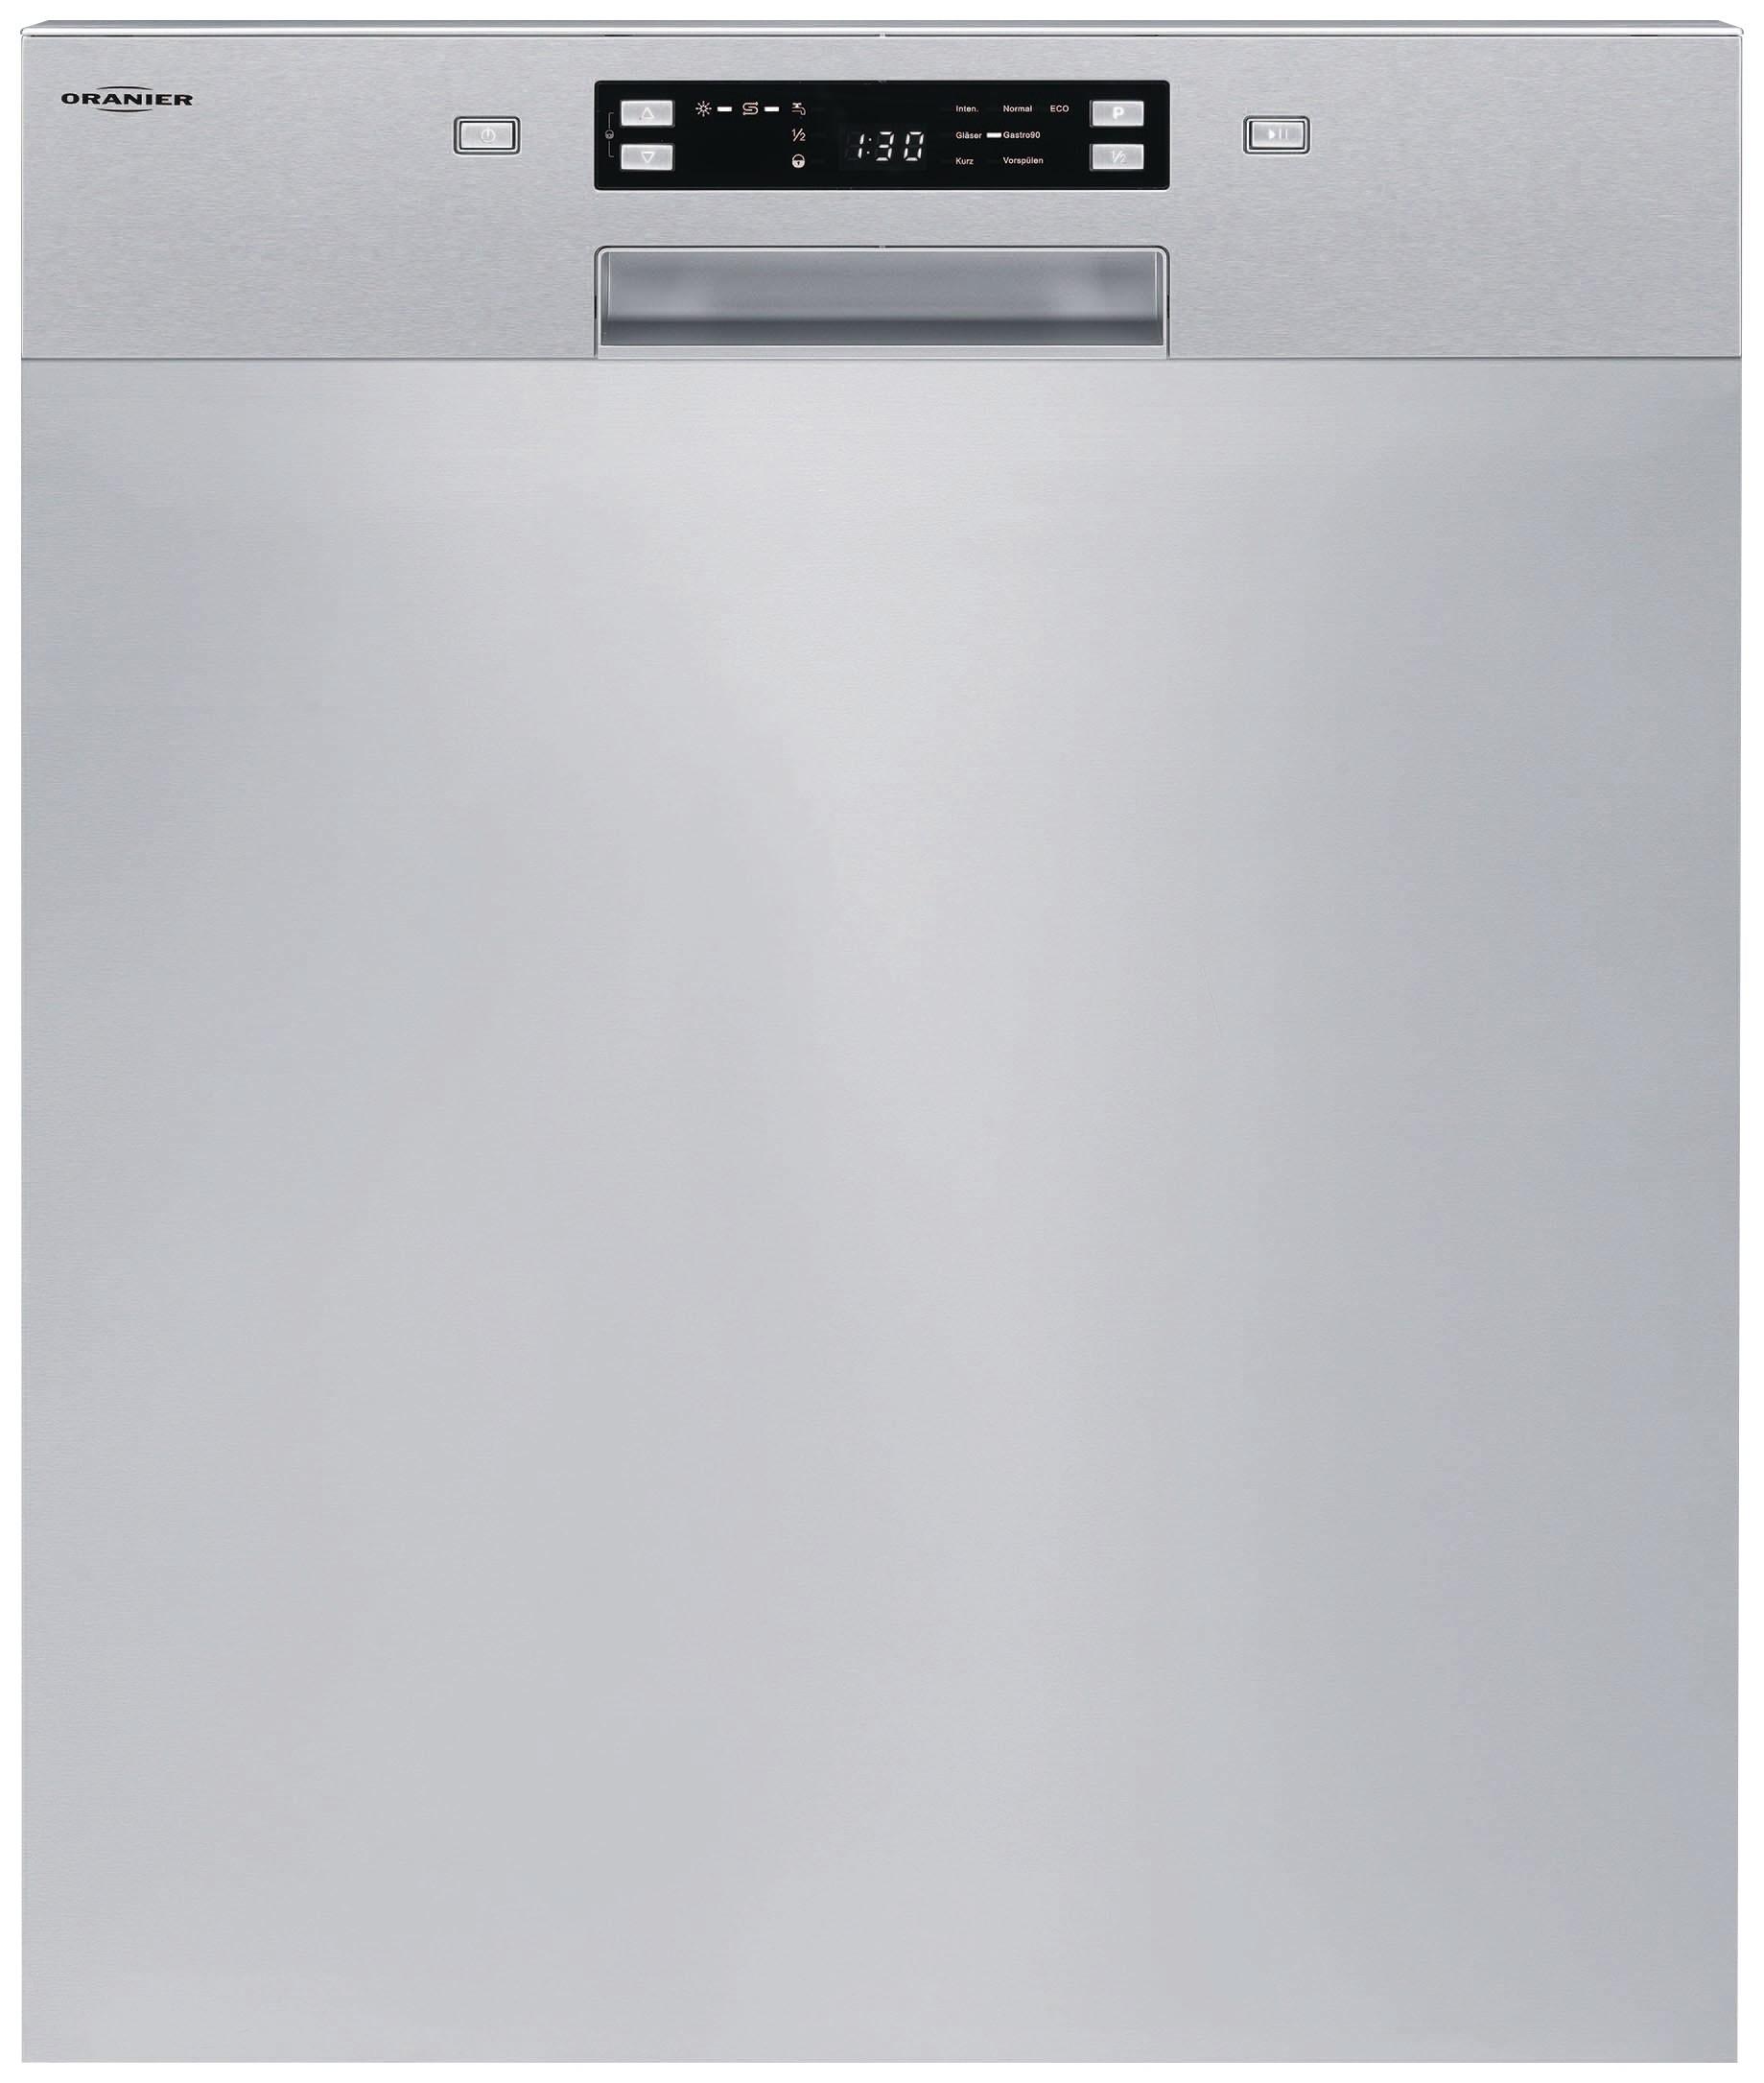 Oranier GAB7568 7568 12 Einbau-Geschirrspüler integrierbar/ Energieeffizienzklasse A+